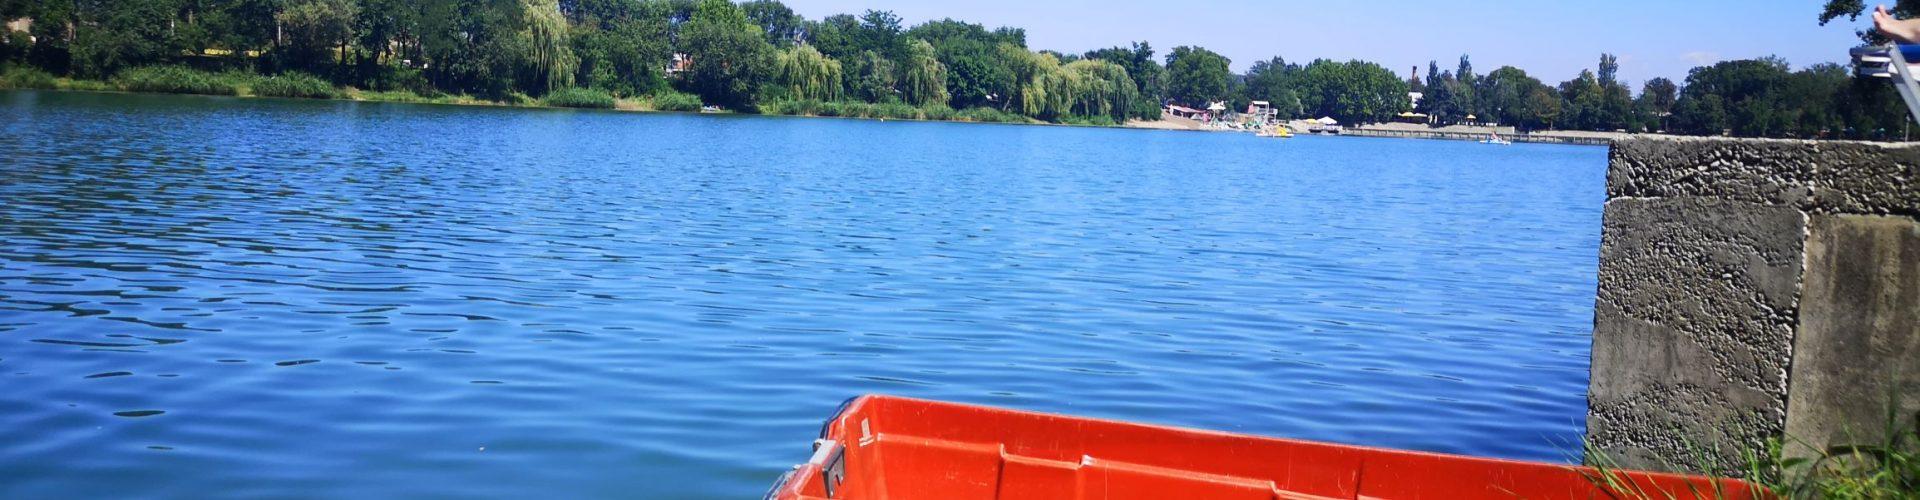 Belocrkvanska jezera kao more